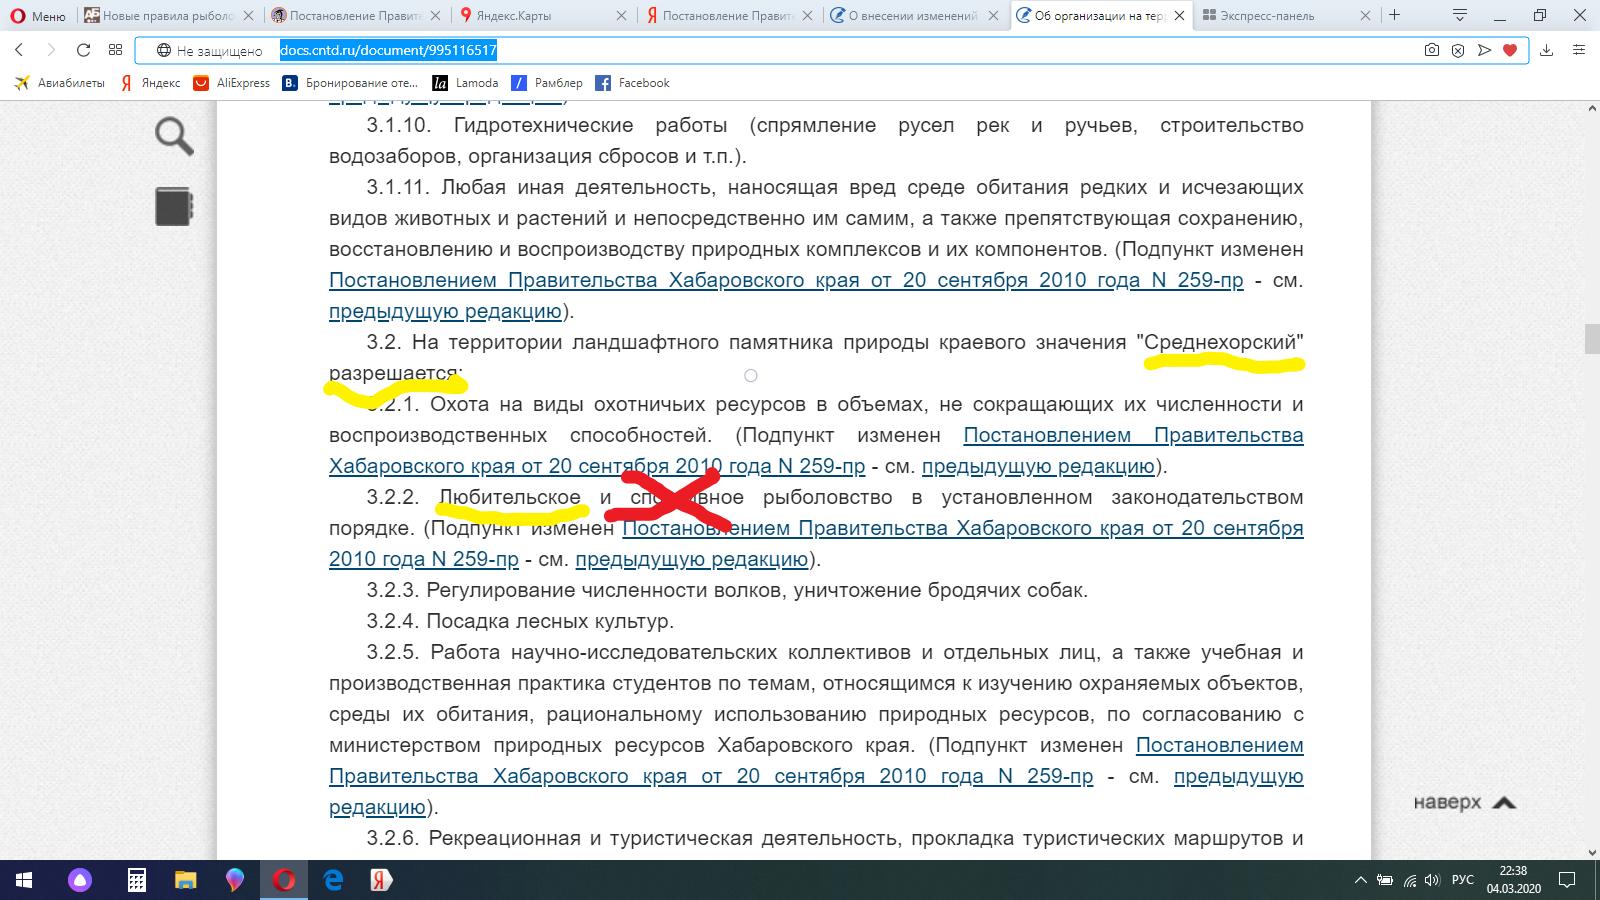 среднехорский.png